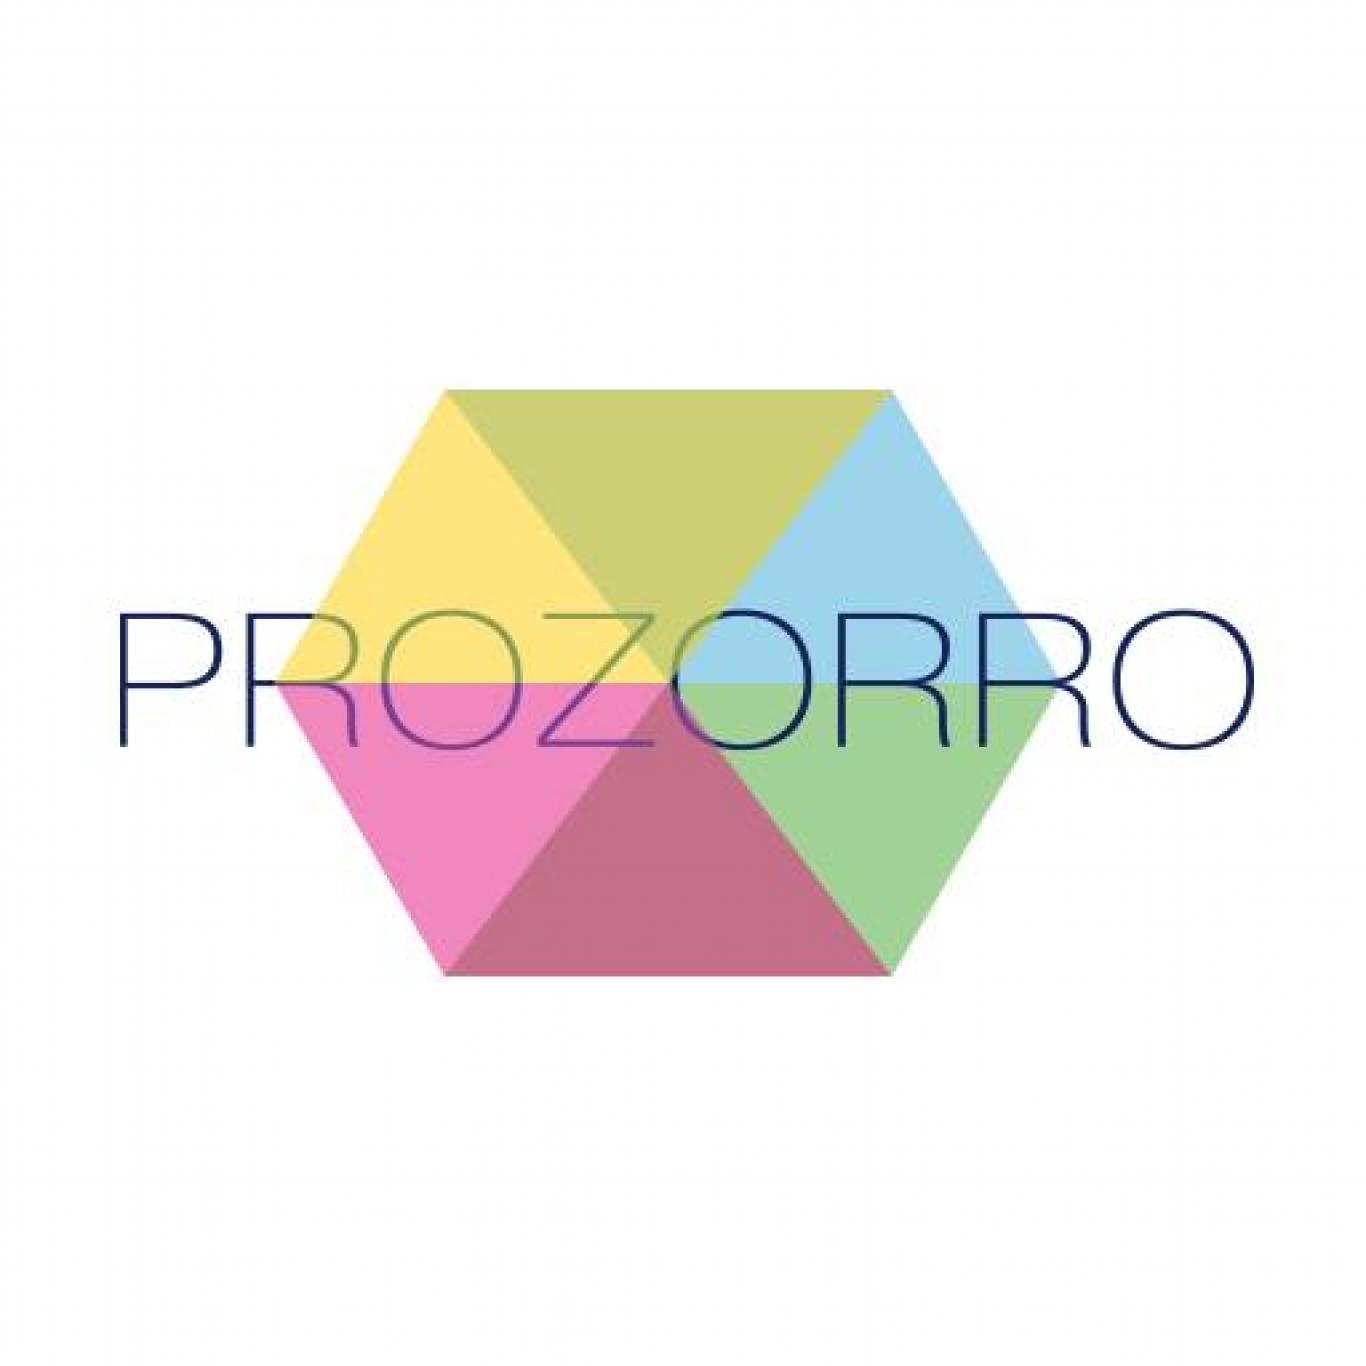 Як робити бізнес з державою. Електронні закупівлі Prozorro.